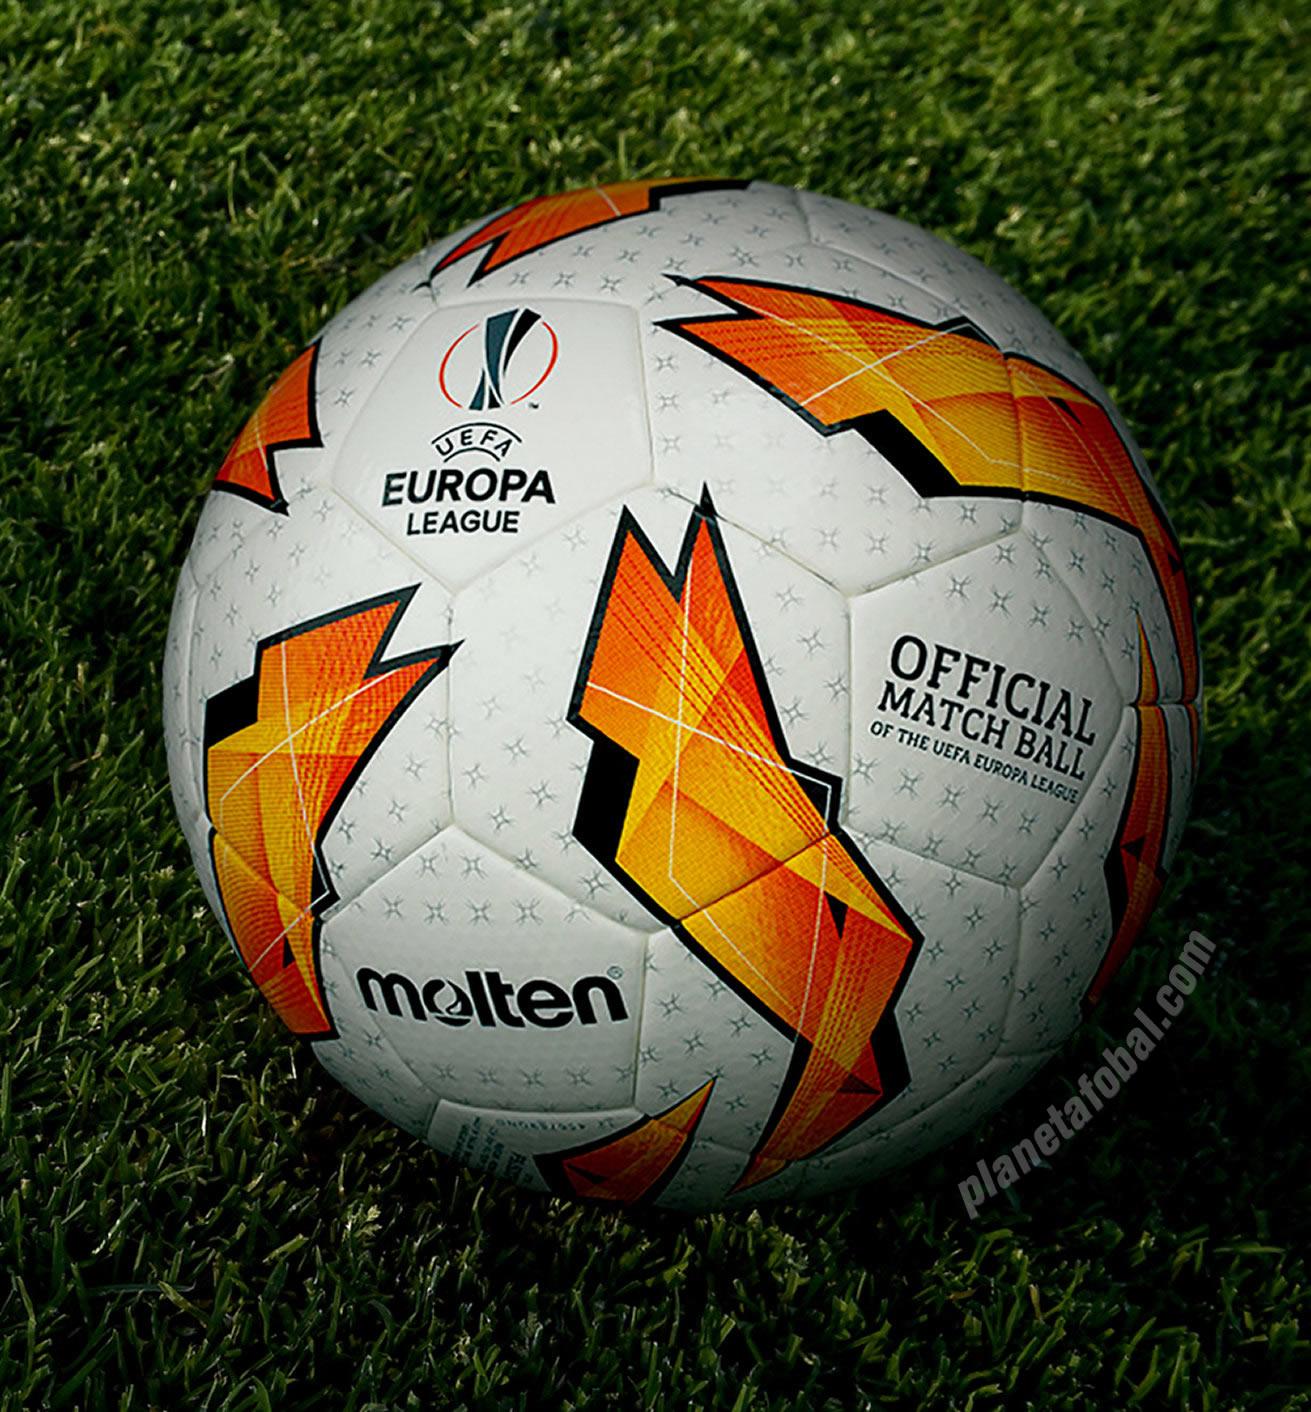 Balón oficial Molten para la Europa League 2018 19  d0d8c059cadd0